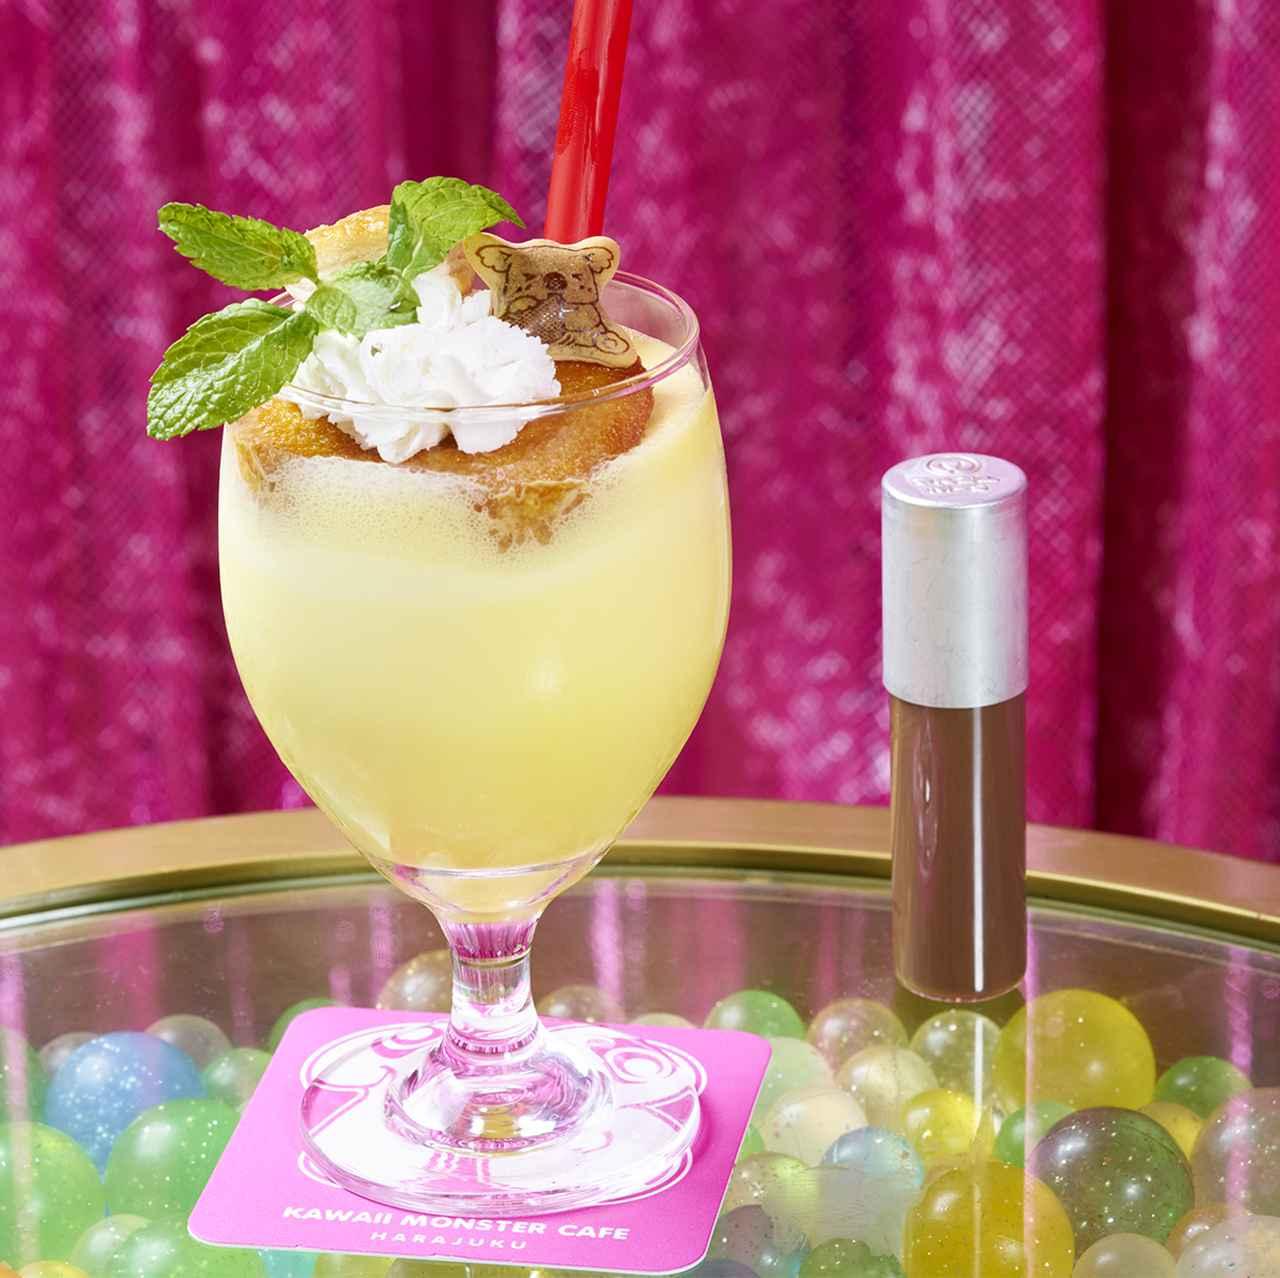 画像: Ghanaバナーナシェイク  ¥980(税抜) カスタードケーキの島に可愛い「コアラのマーチ」が乗ったフレッシュバナナジュース!「ガーナミルクチョコレート」のホットチョコレートをかけて召し上がれ♪